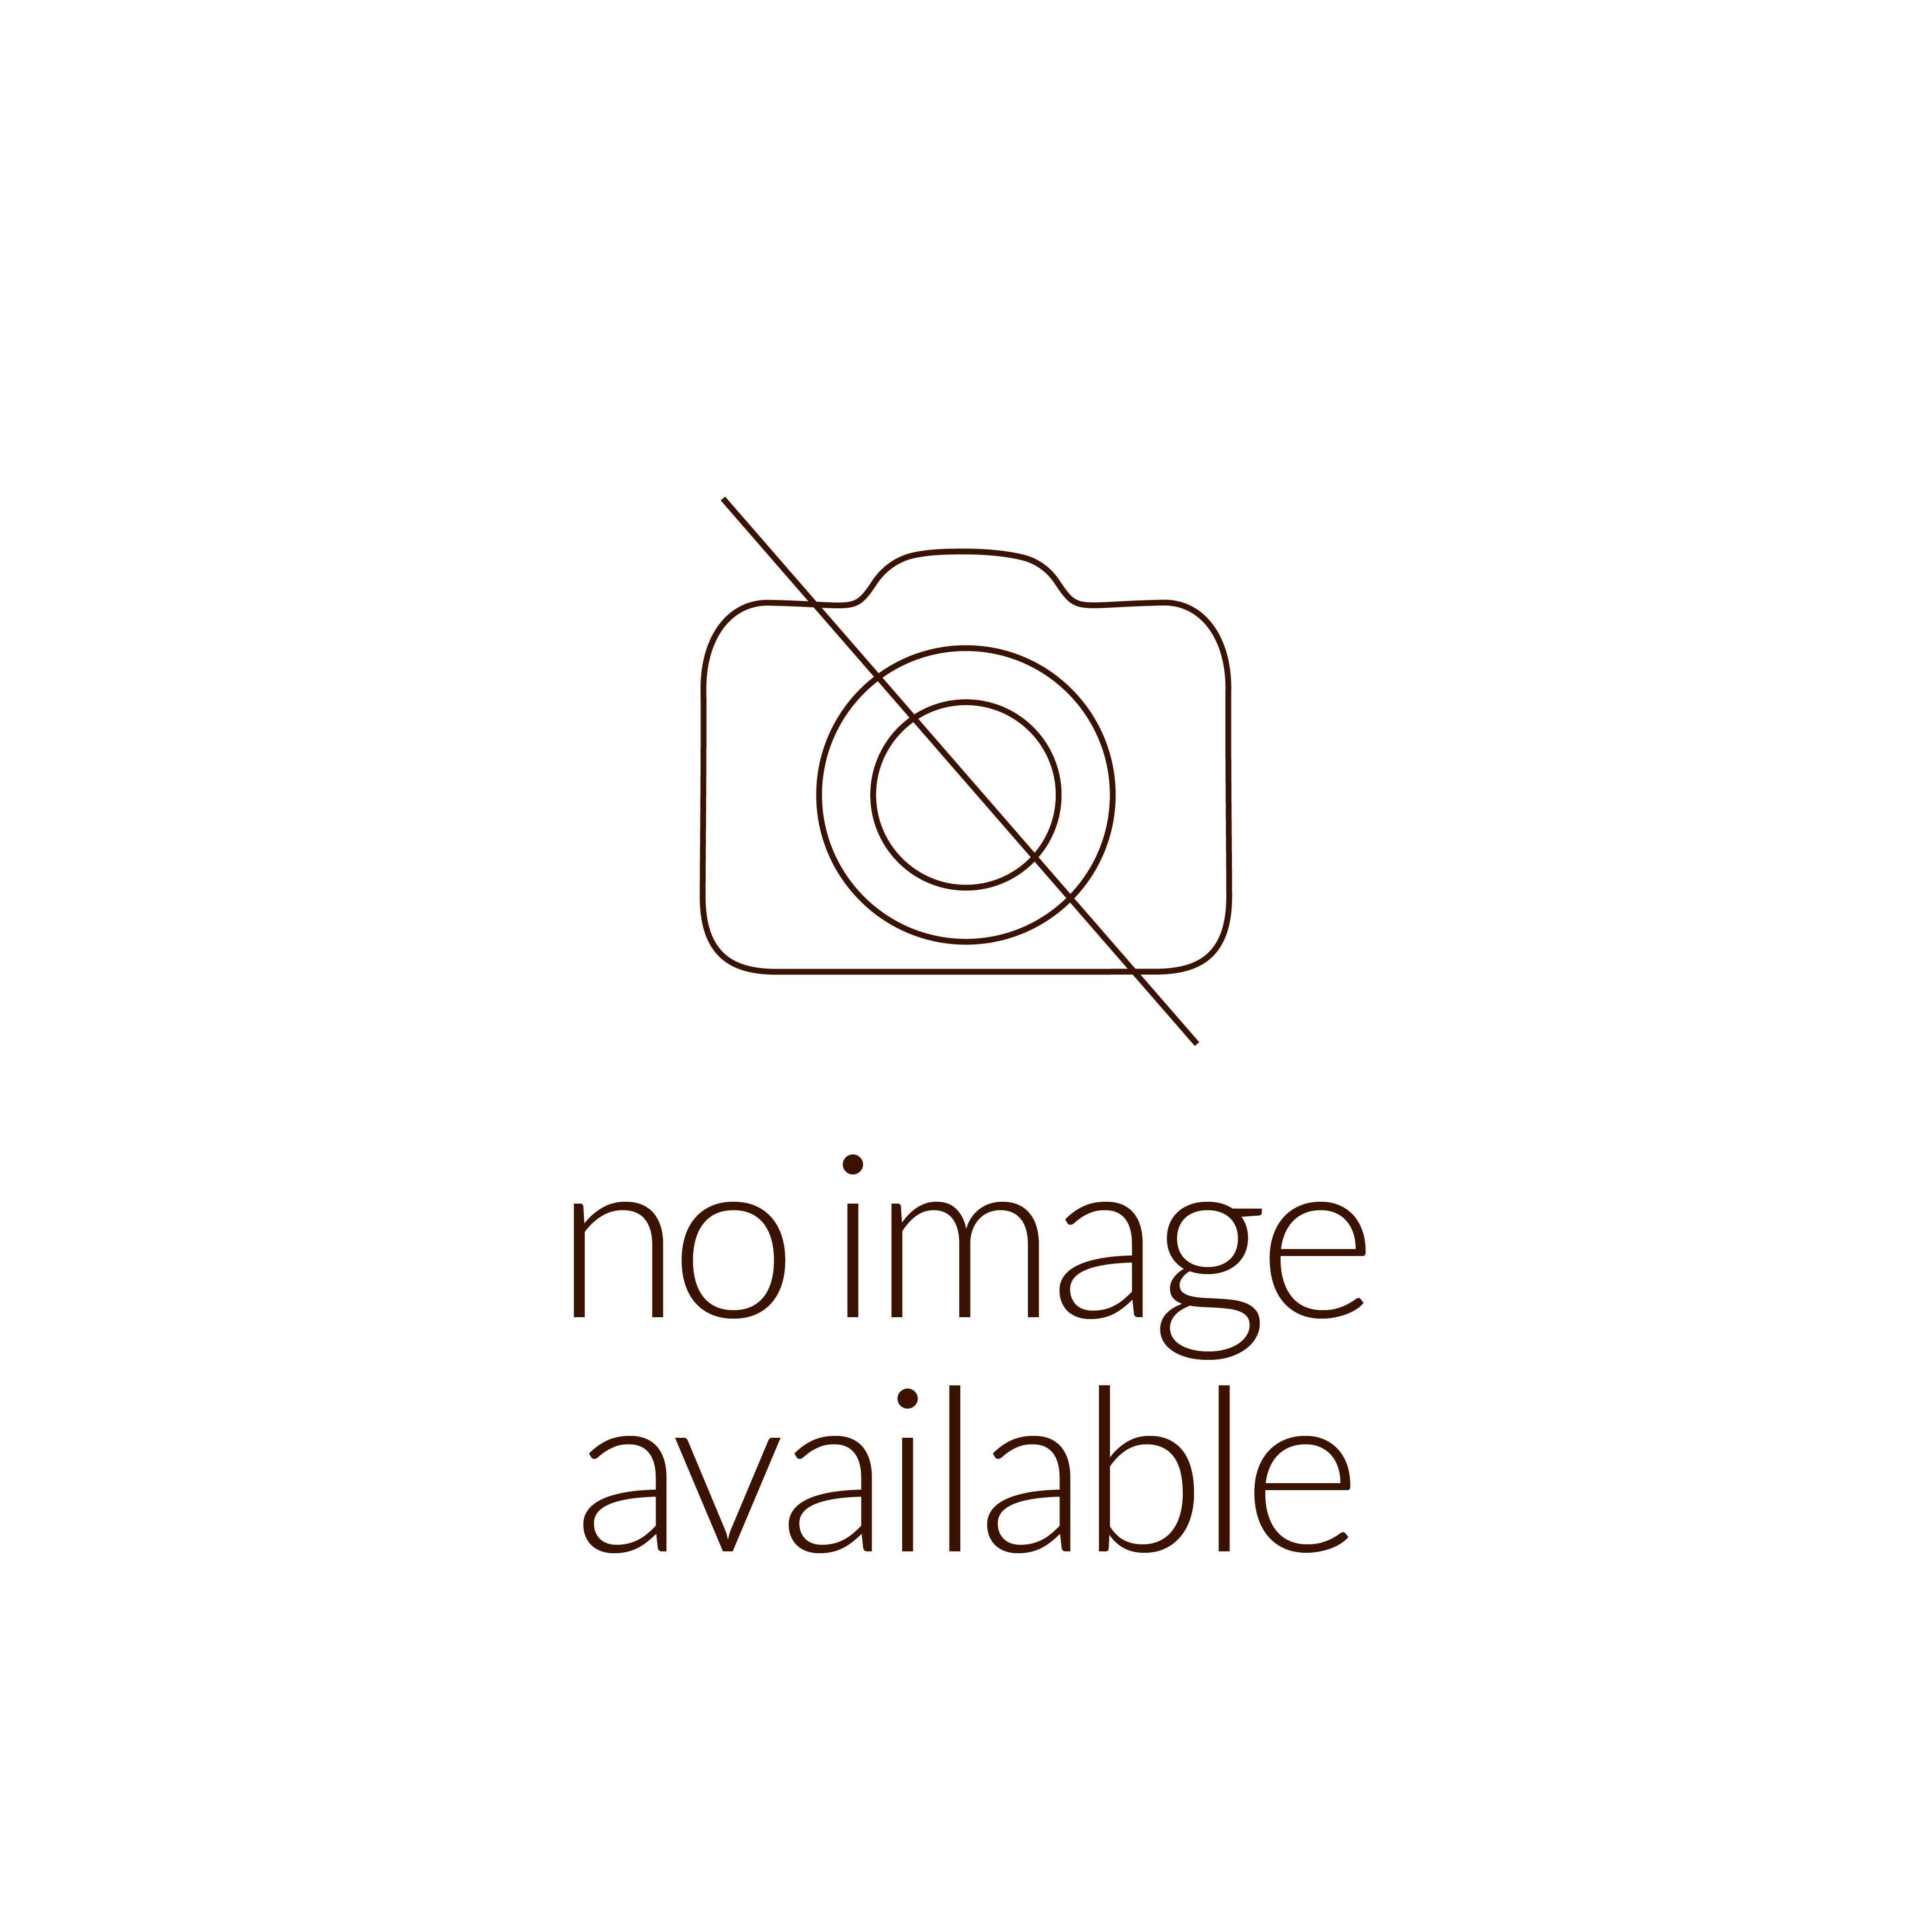 """יובל הטכניון - מדלית זהב/917, 35 מ""""מ, 30 גרם"""